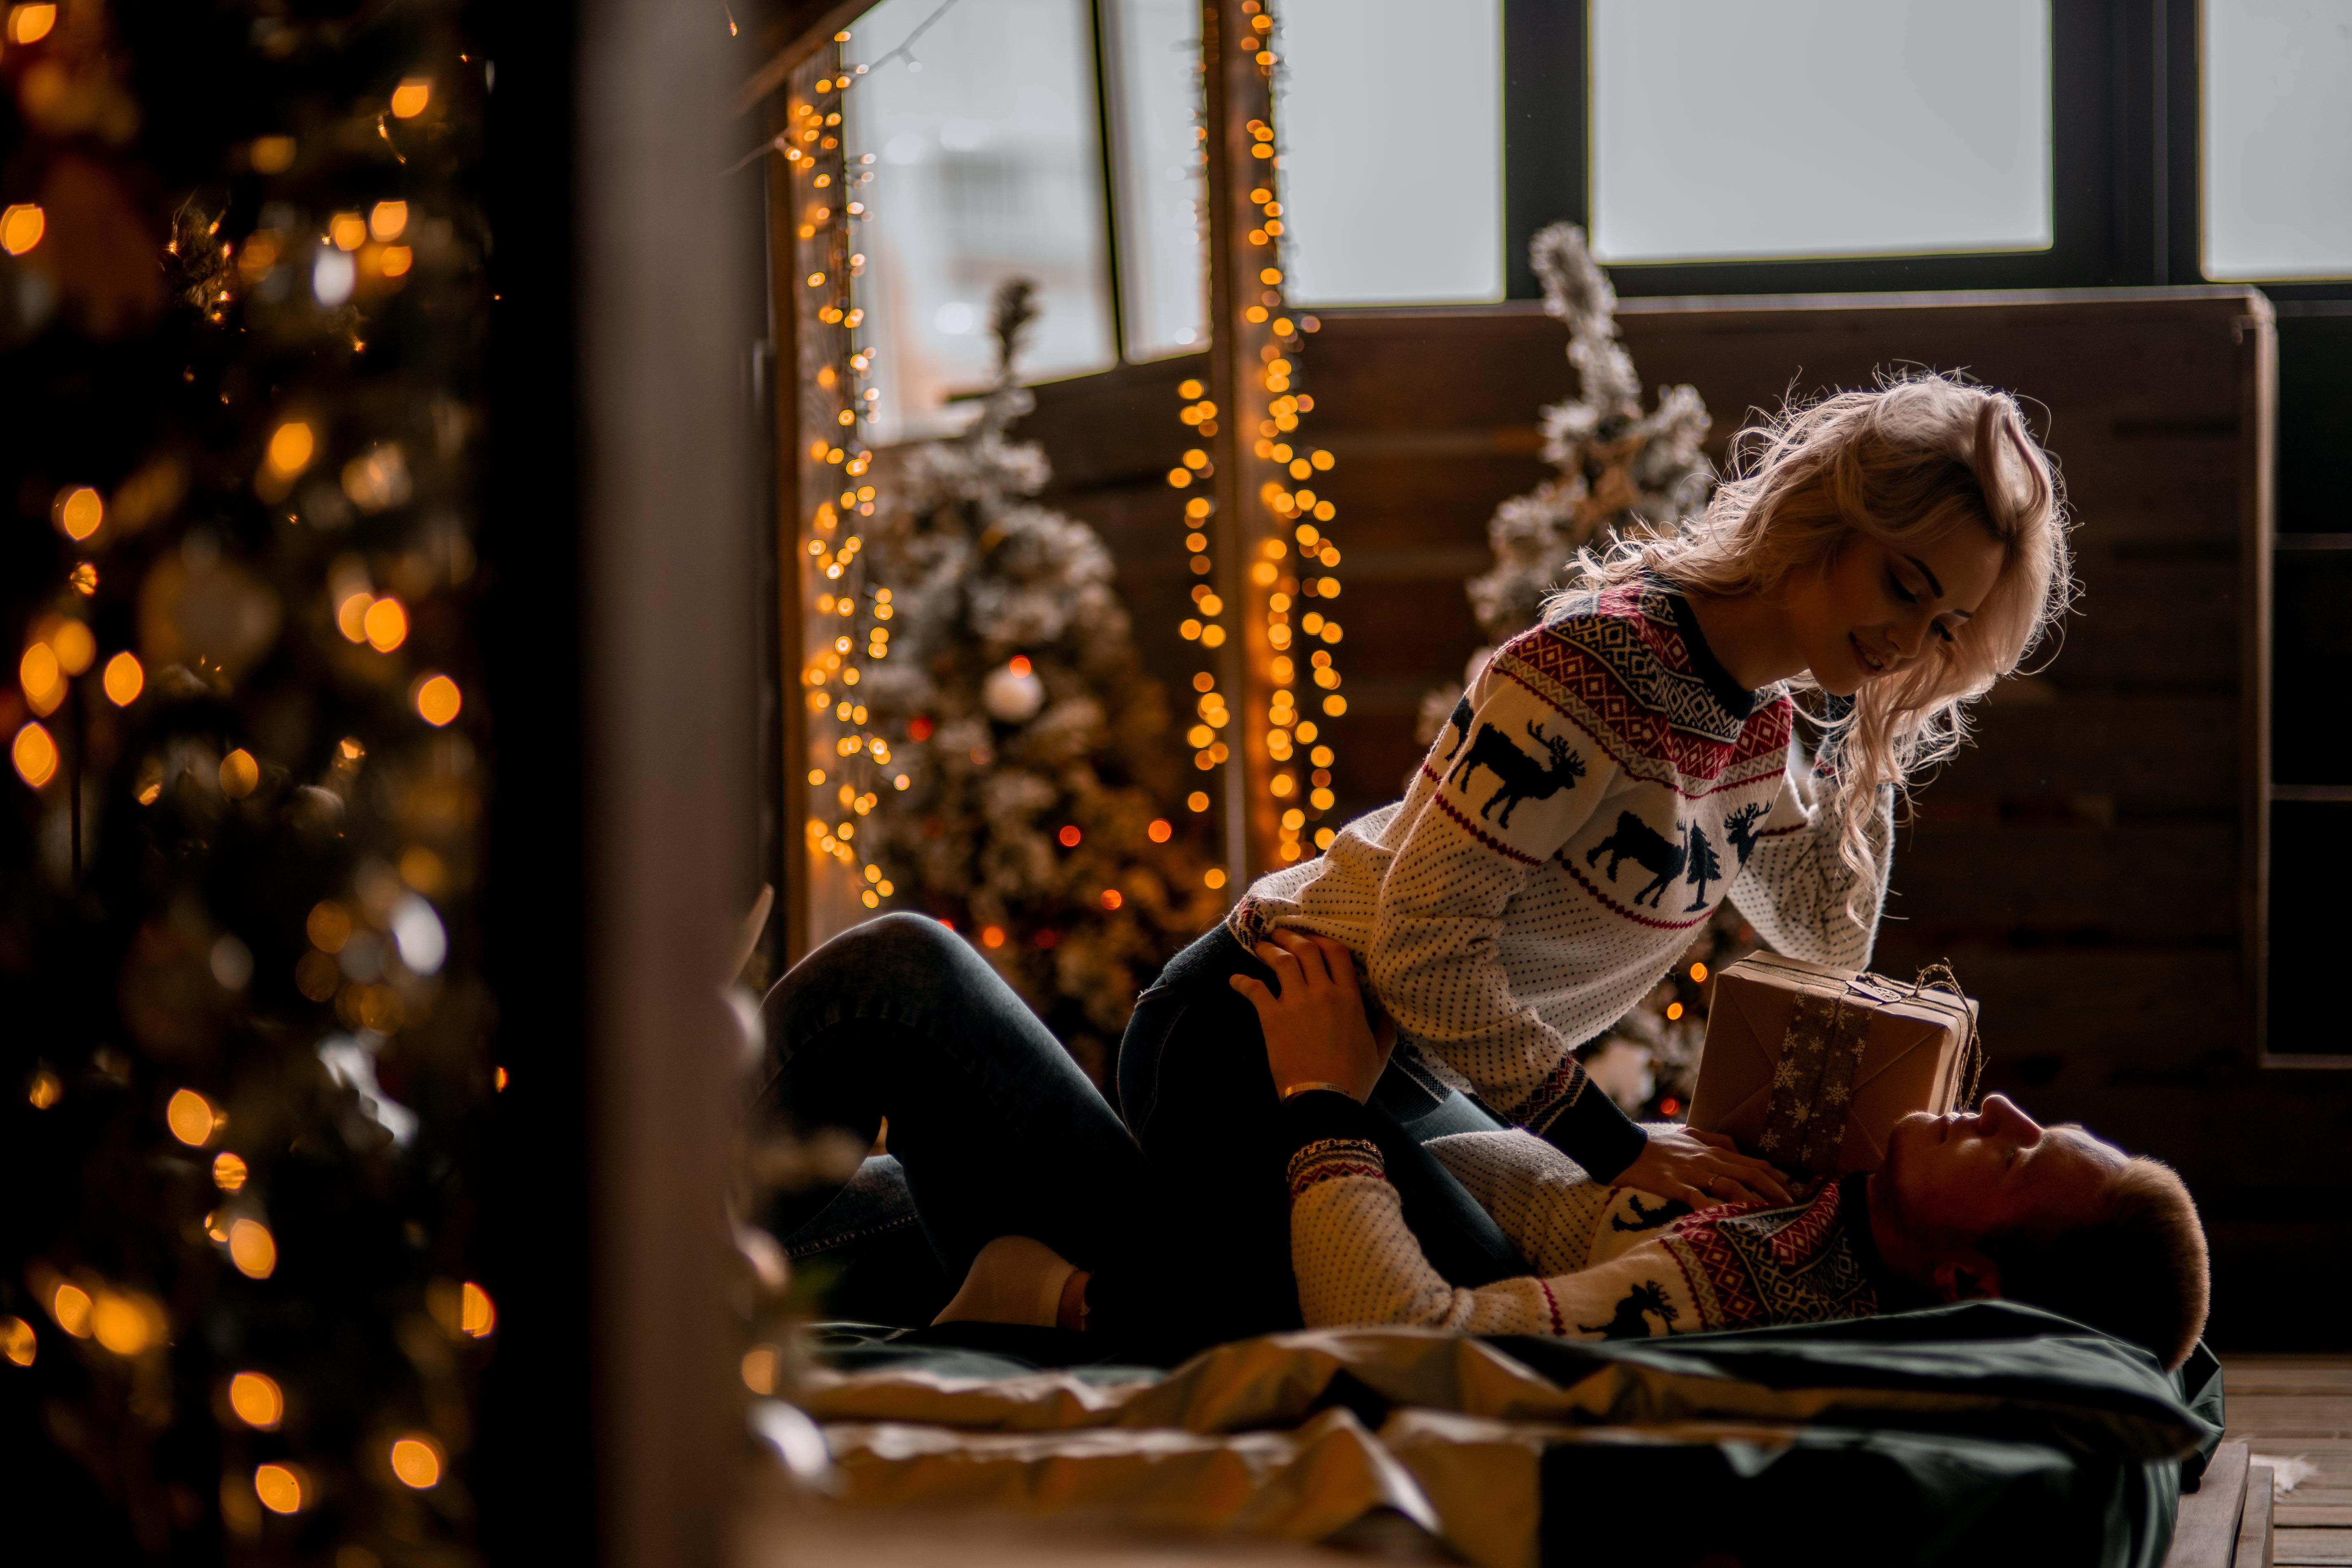 фотосессия в фотостудии, фотограф Алексей Саблин